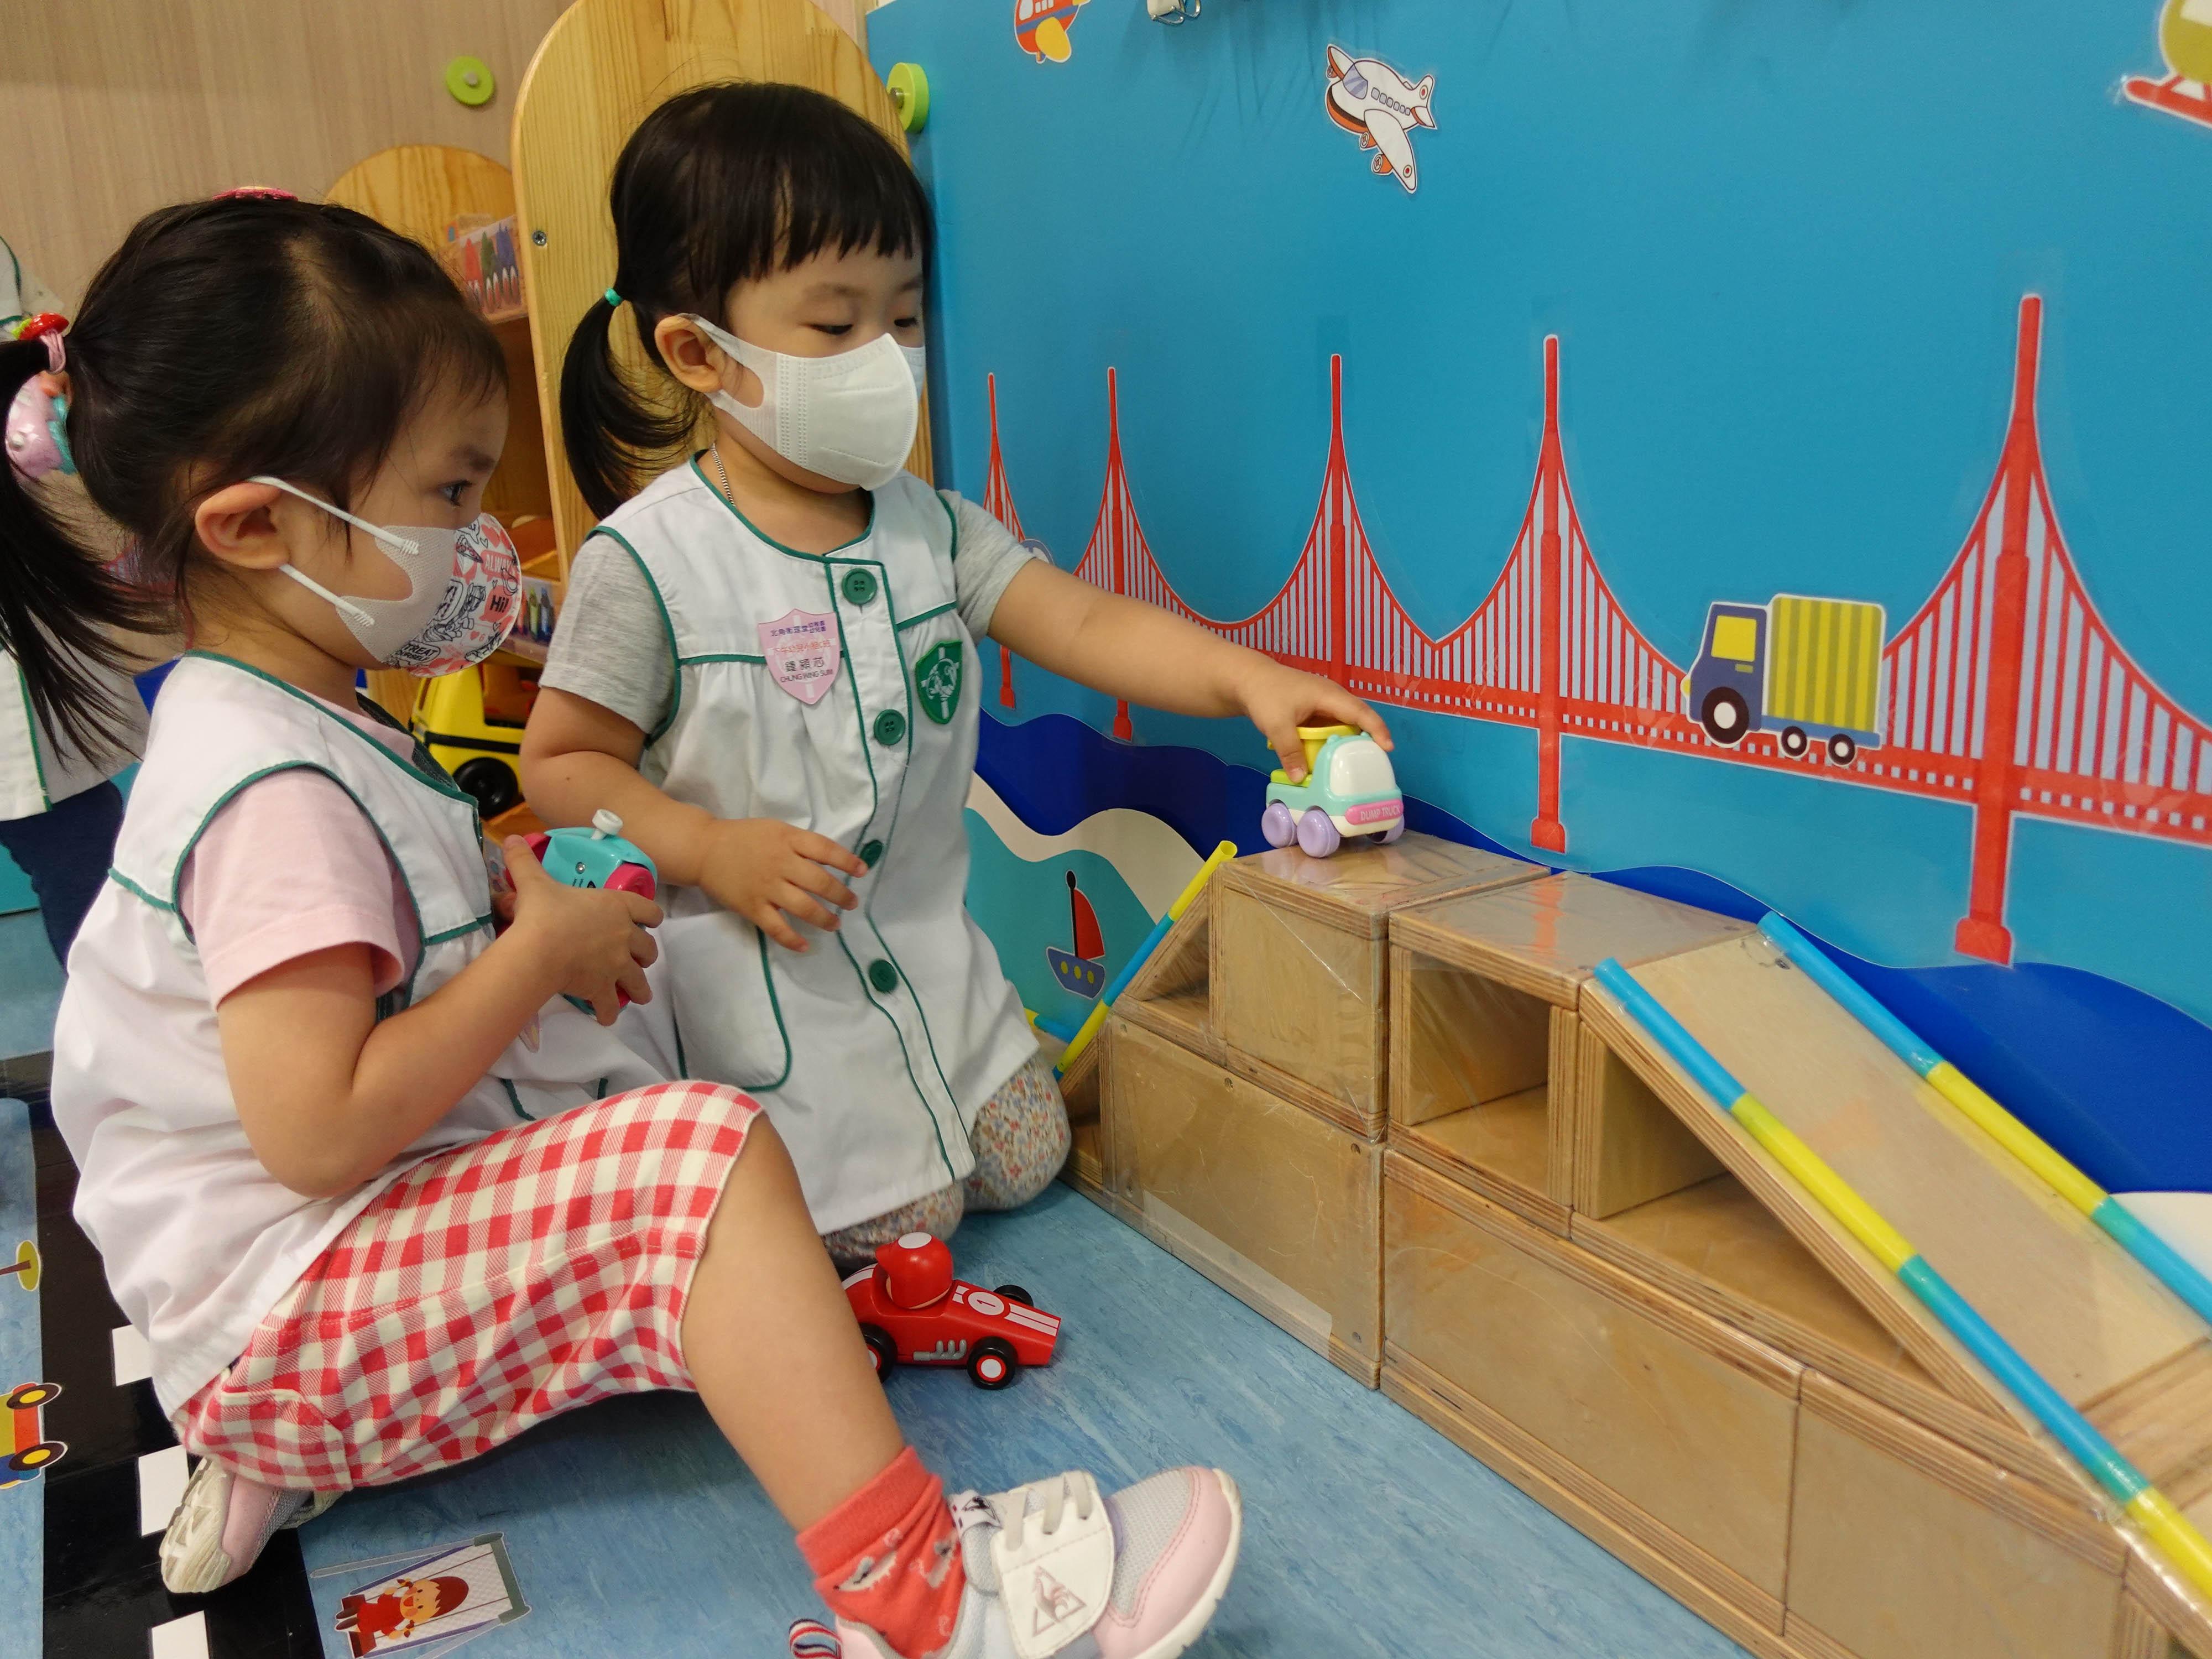 http://npmc.edu.hk/sites/default/files/dsc05267.jpg